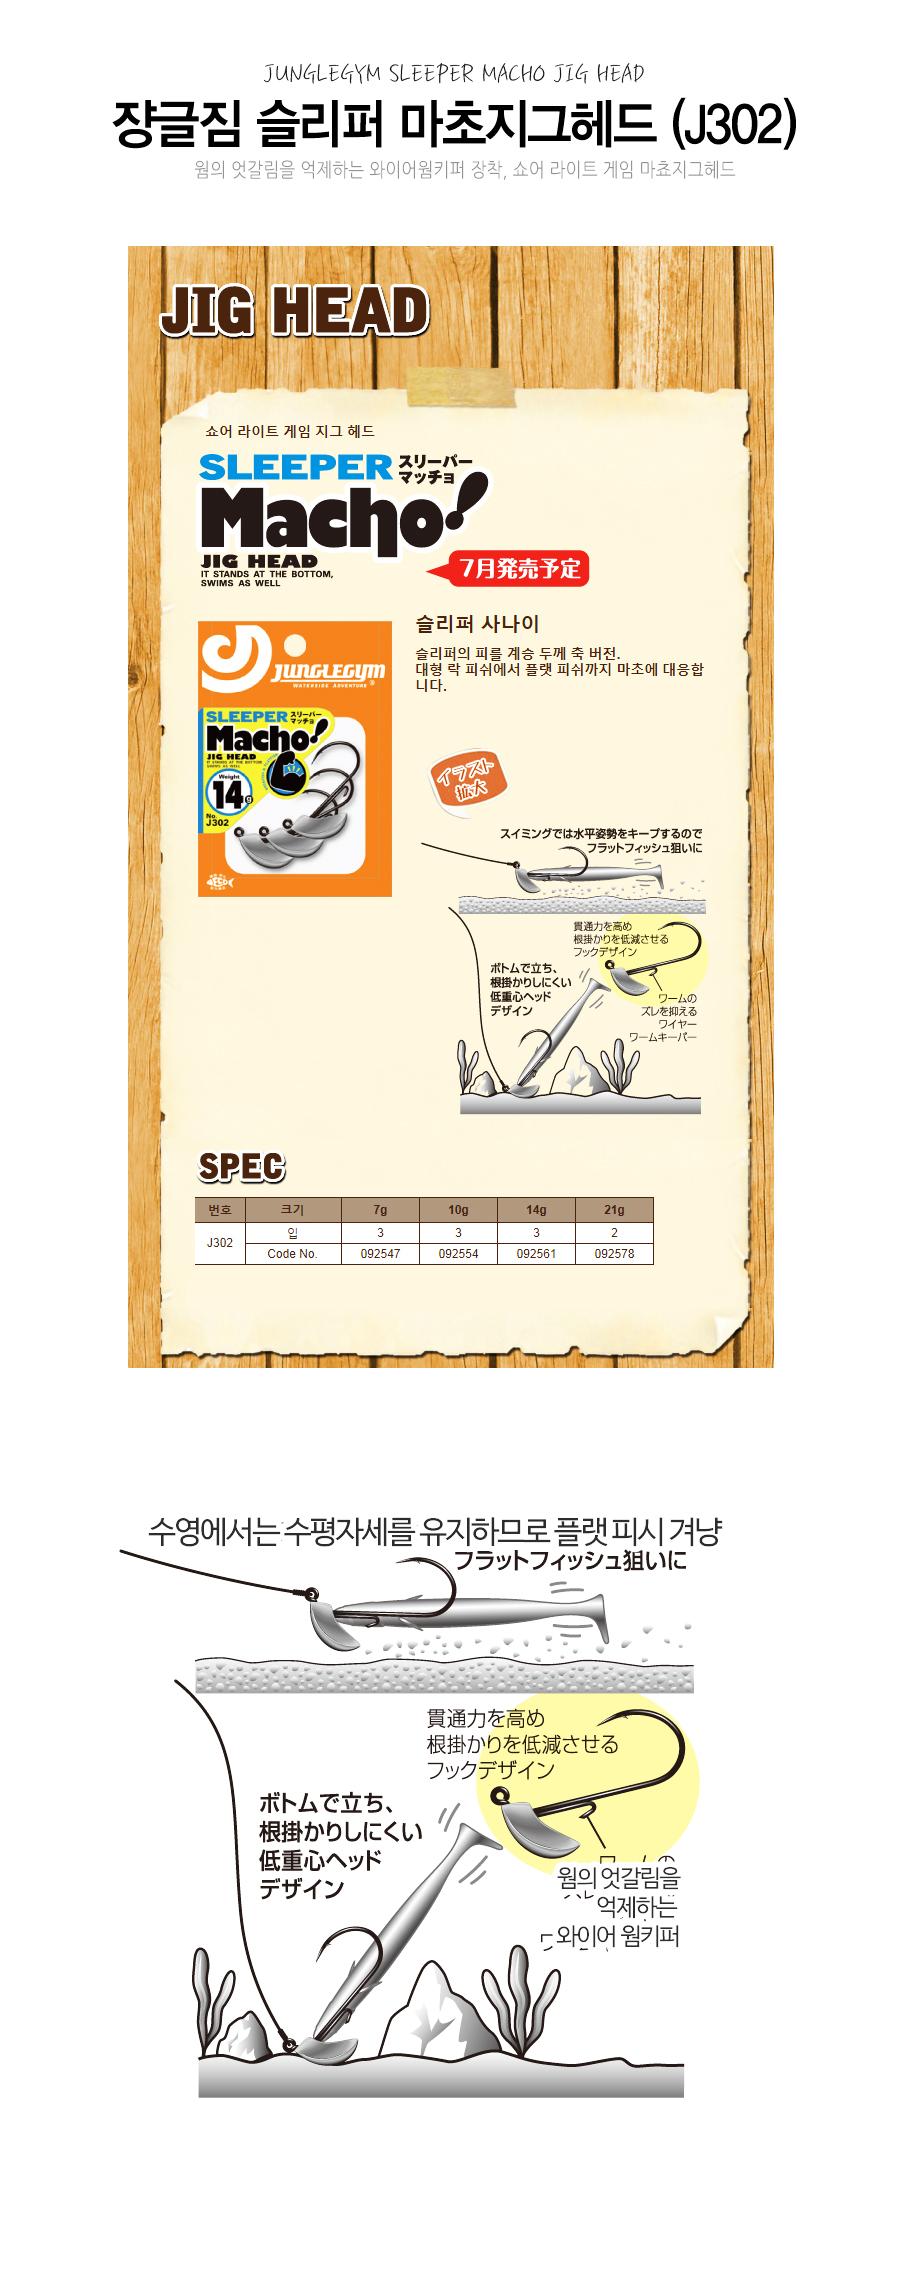 쟝글짐 슬리퍼 마초지그헤드 (J302) SLEEPER MACHO JIG HEAD 쇼어 라이트 게임 마쵸지그헤드